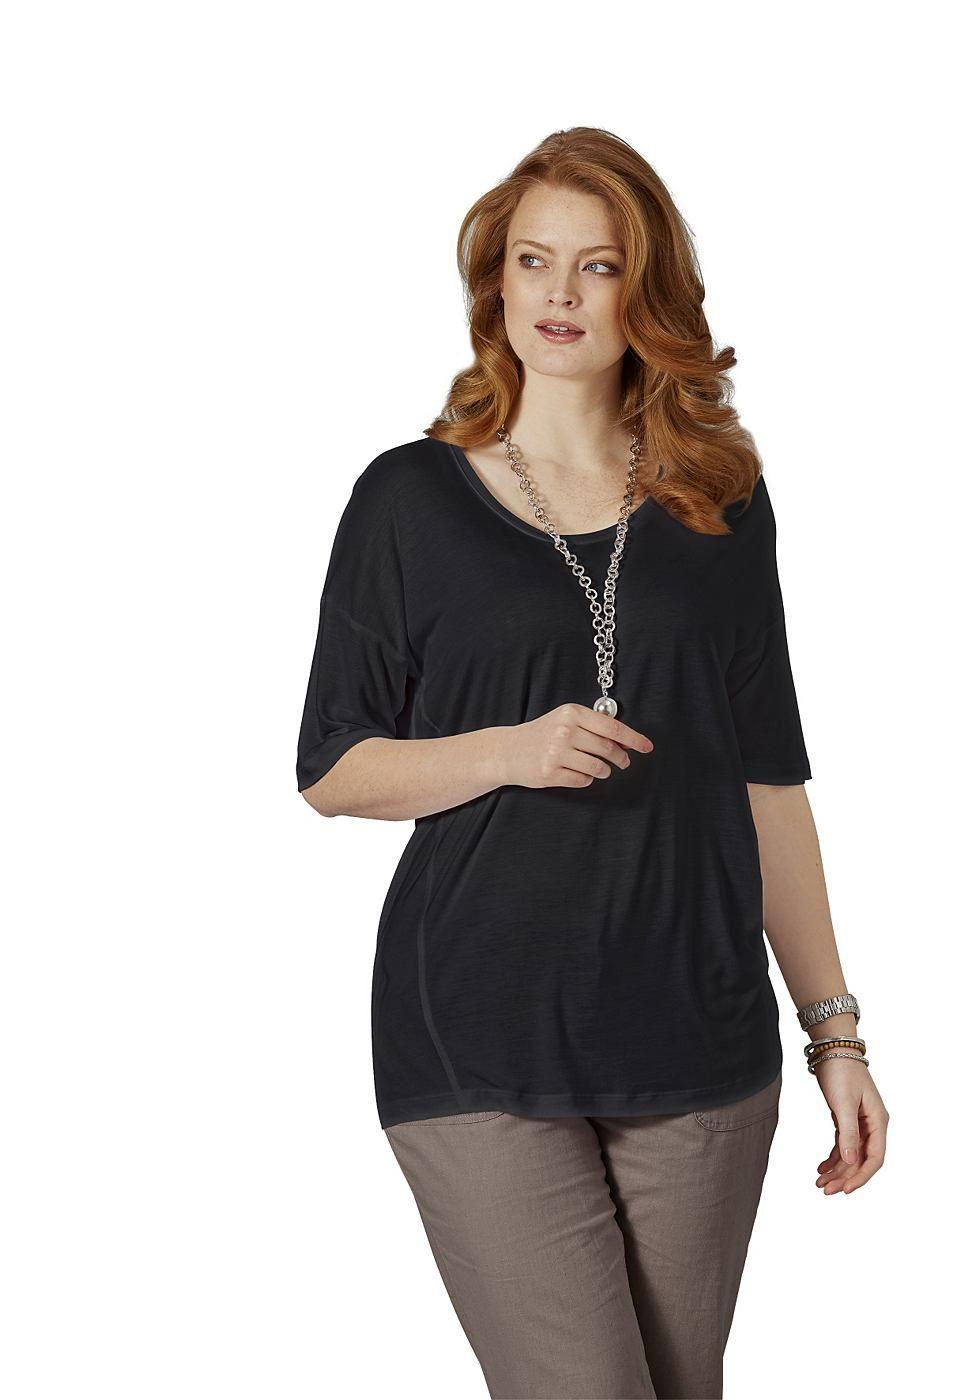 Typ , Shirt, |Materialzusammensetzung , 100% Viskose, |Passform , figurumspielend, hüftbedeckend, |Ausschnitt , Rundhalsausschnitt, |Ärmelstil , überschnittene Ärmeln, |Gesamtlänge , größenangepasste Länge von ca. 70 bis 78 cm, | ...